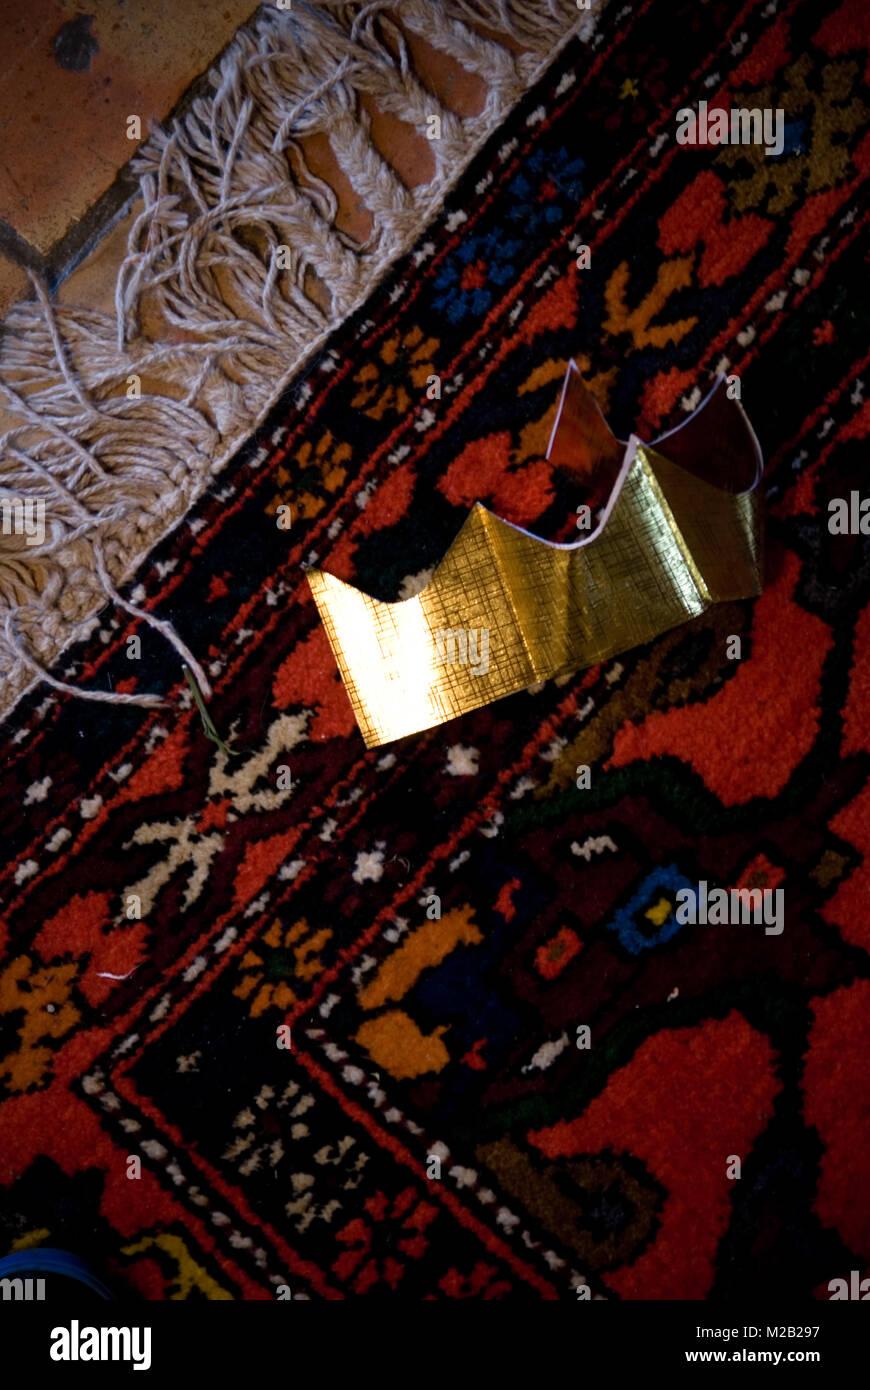 In der Nähe von Papier gold Papier Krone von Christmas Cracker liegen auf marokkanische Teppich auf dem Boden Stockbild